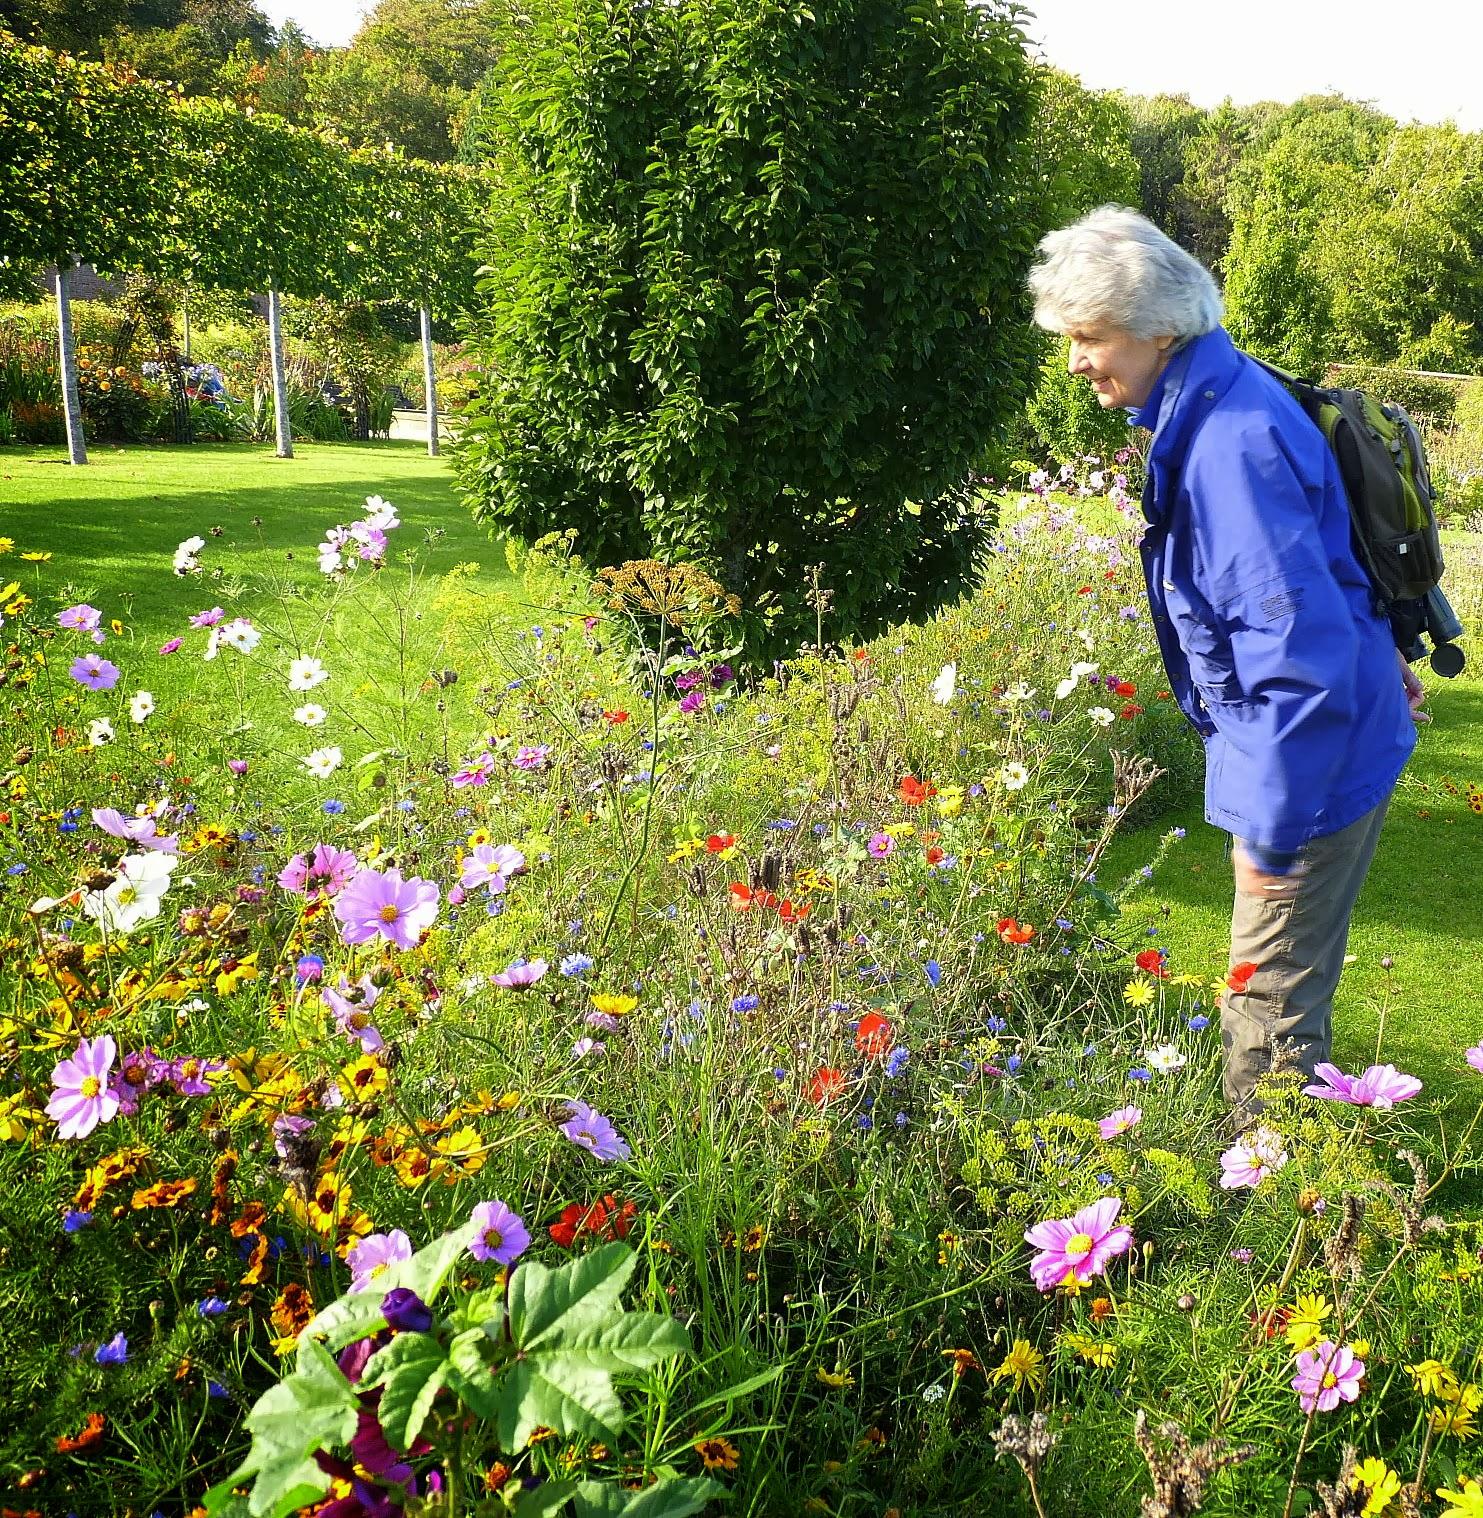 Birding for pleasure walk through the walled garden - When you walk through the garden ...